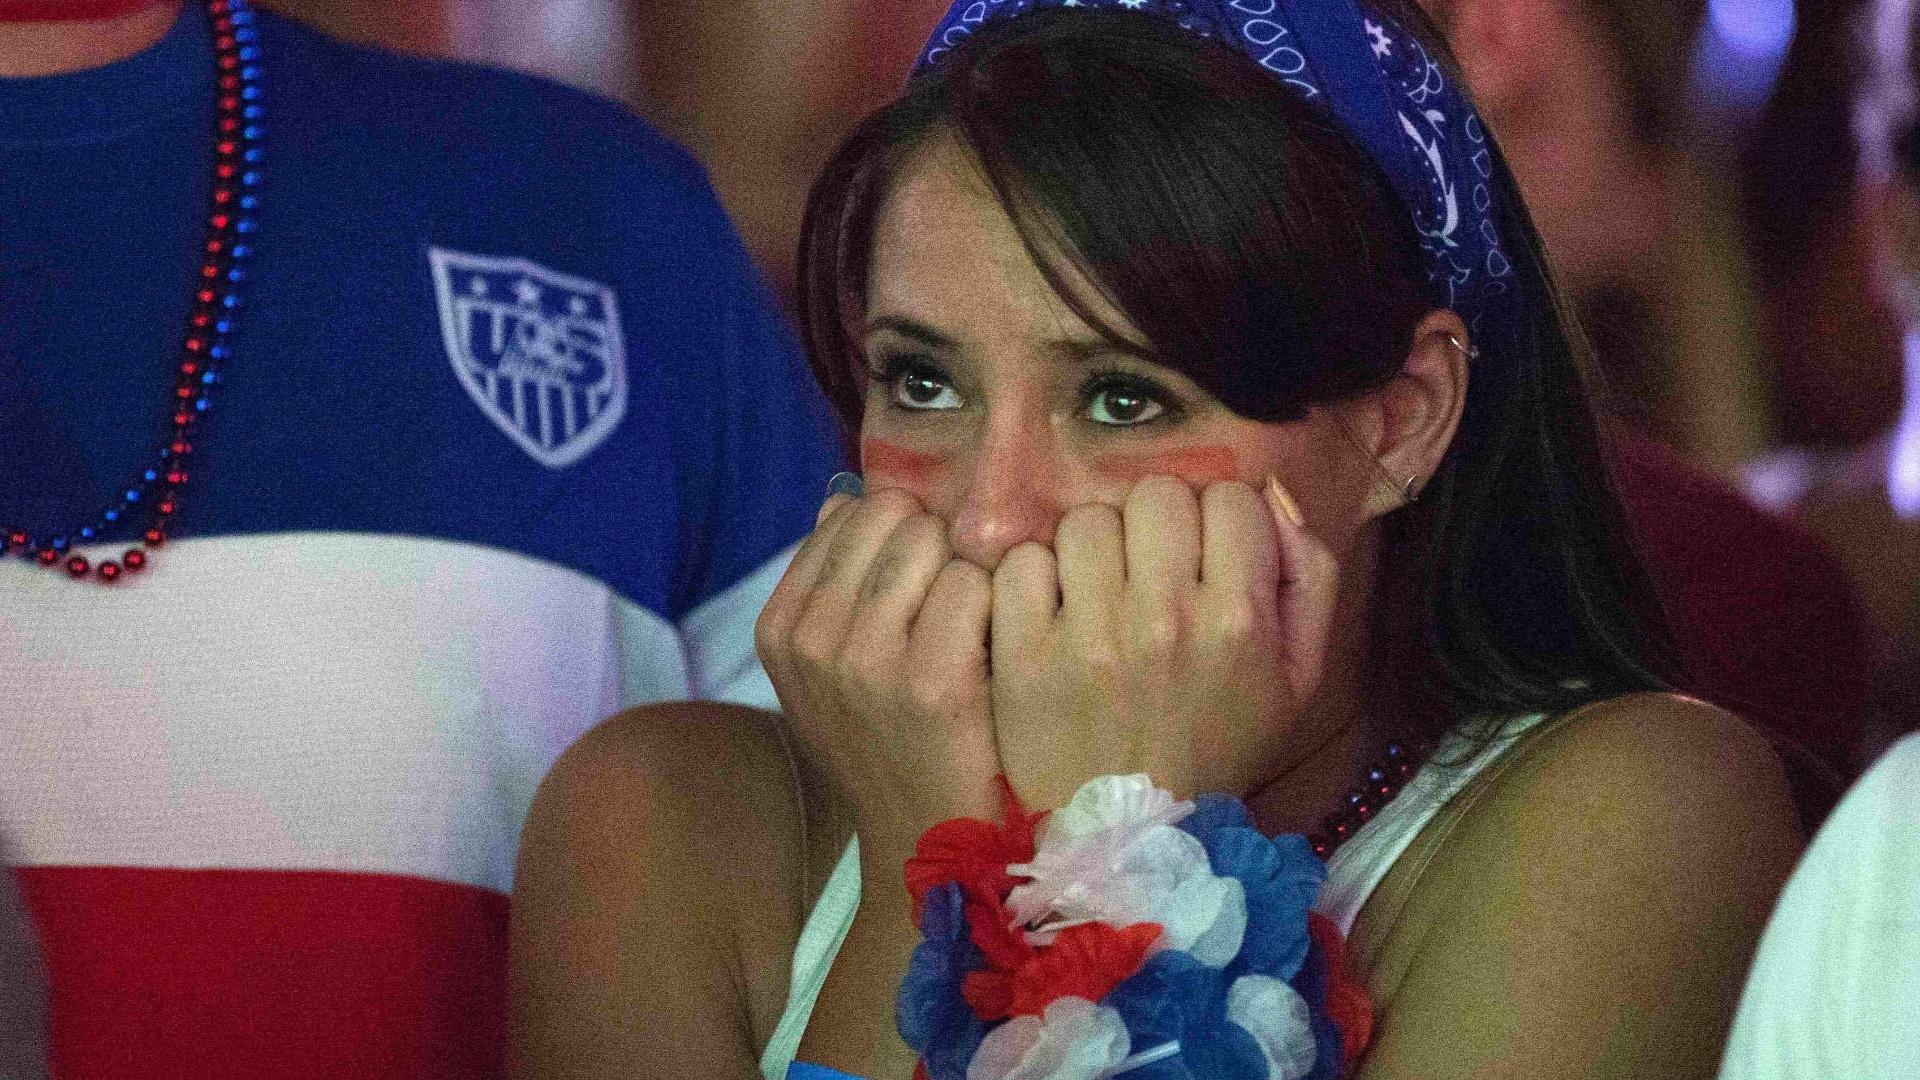 Torcedora dos EUA se desespera na partida contra Portugal